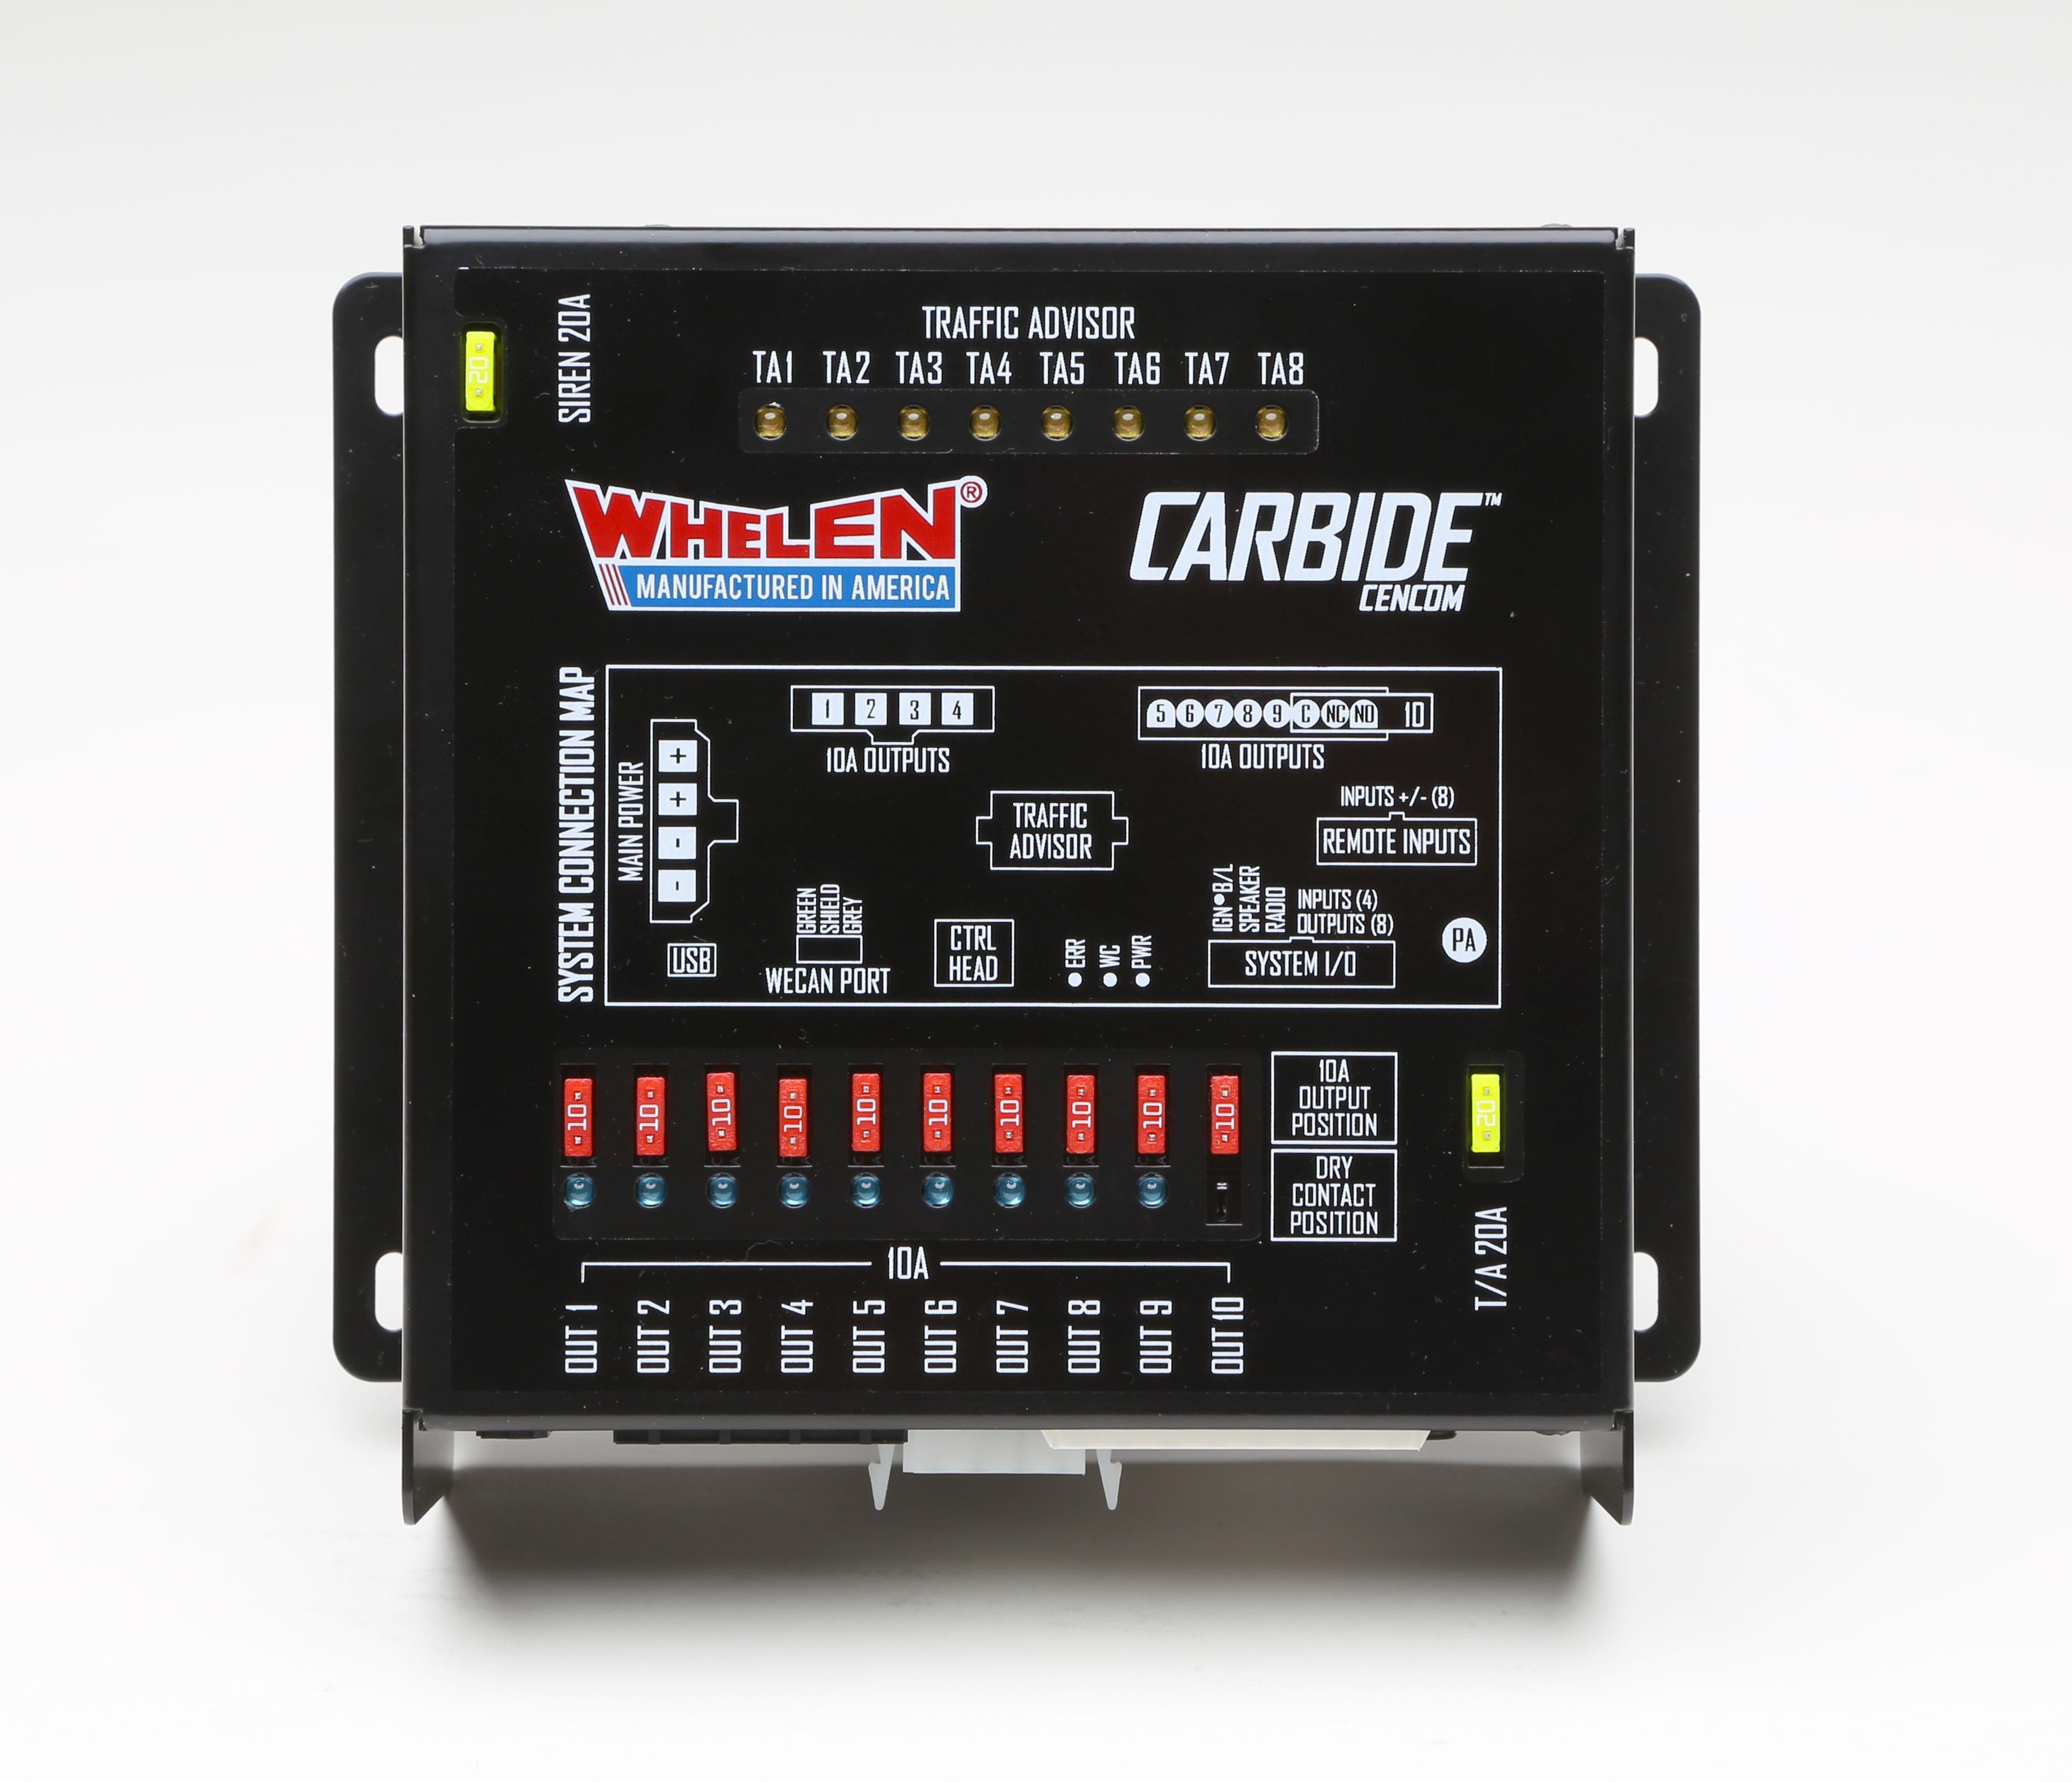 Whelen Cencom Carbide Siren And Light Control Center